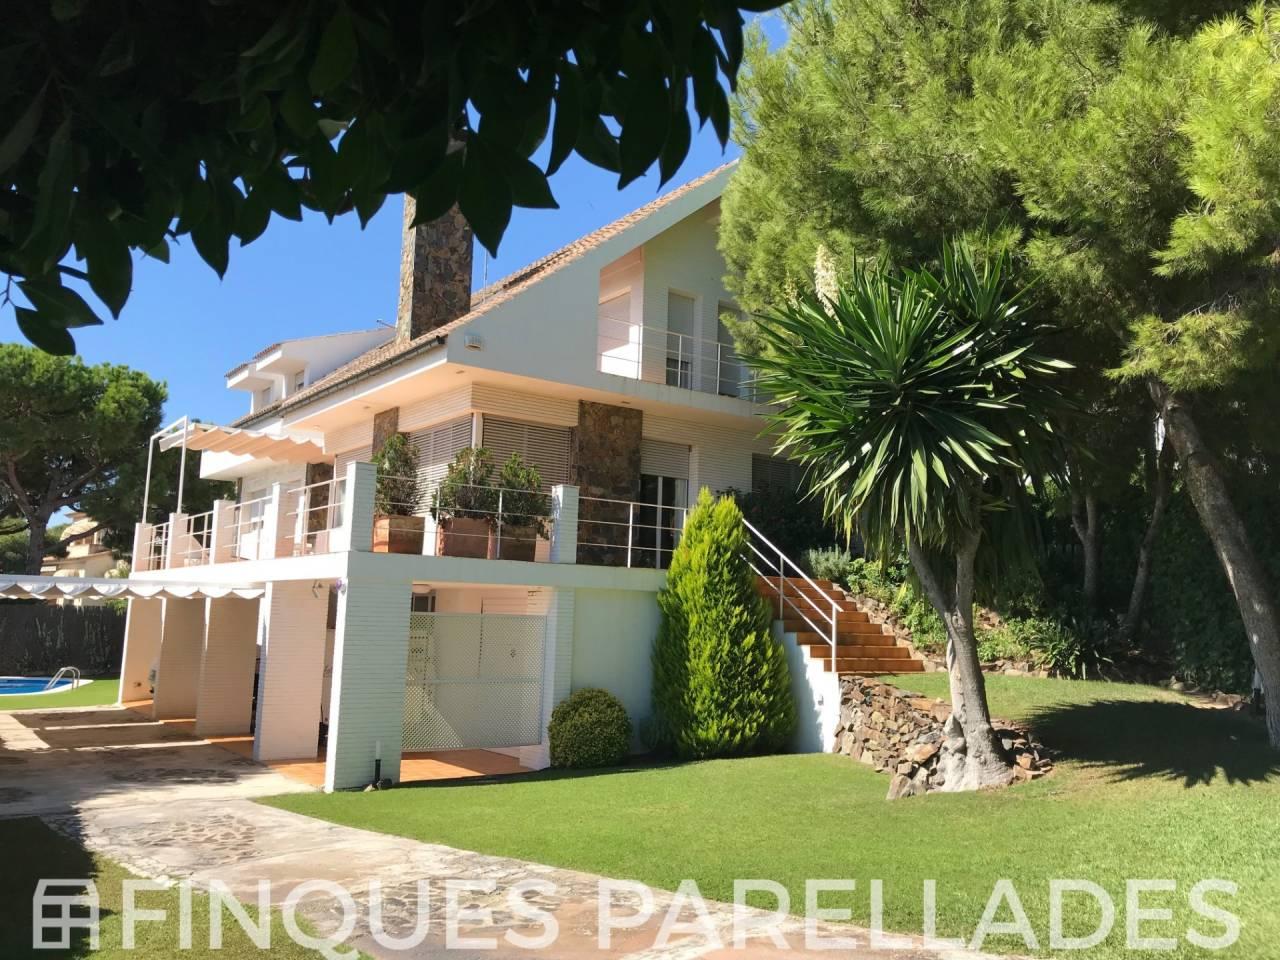 Precioso chalet independiente en venta con las mejores vistas al mar y a Sitges. Zona Vallpineda